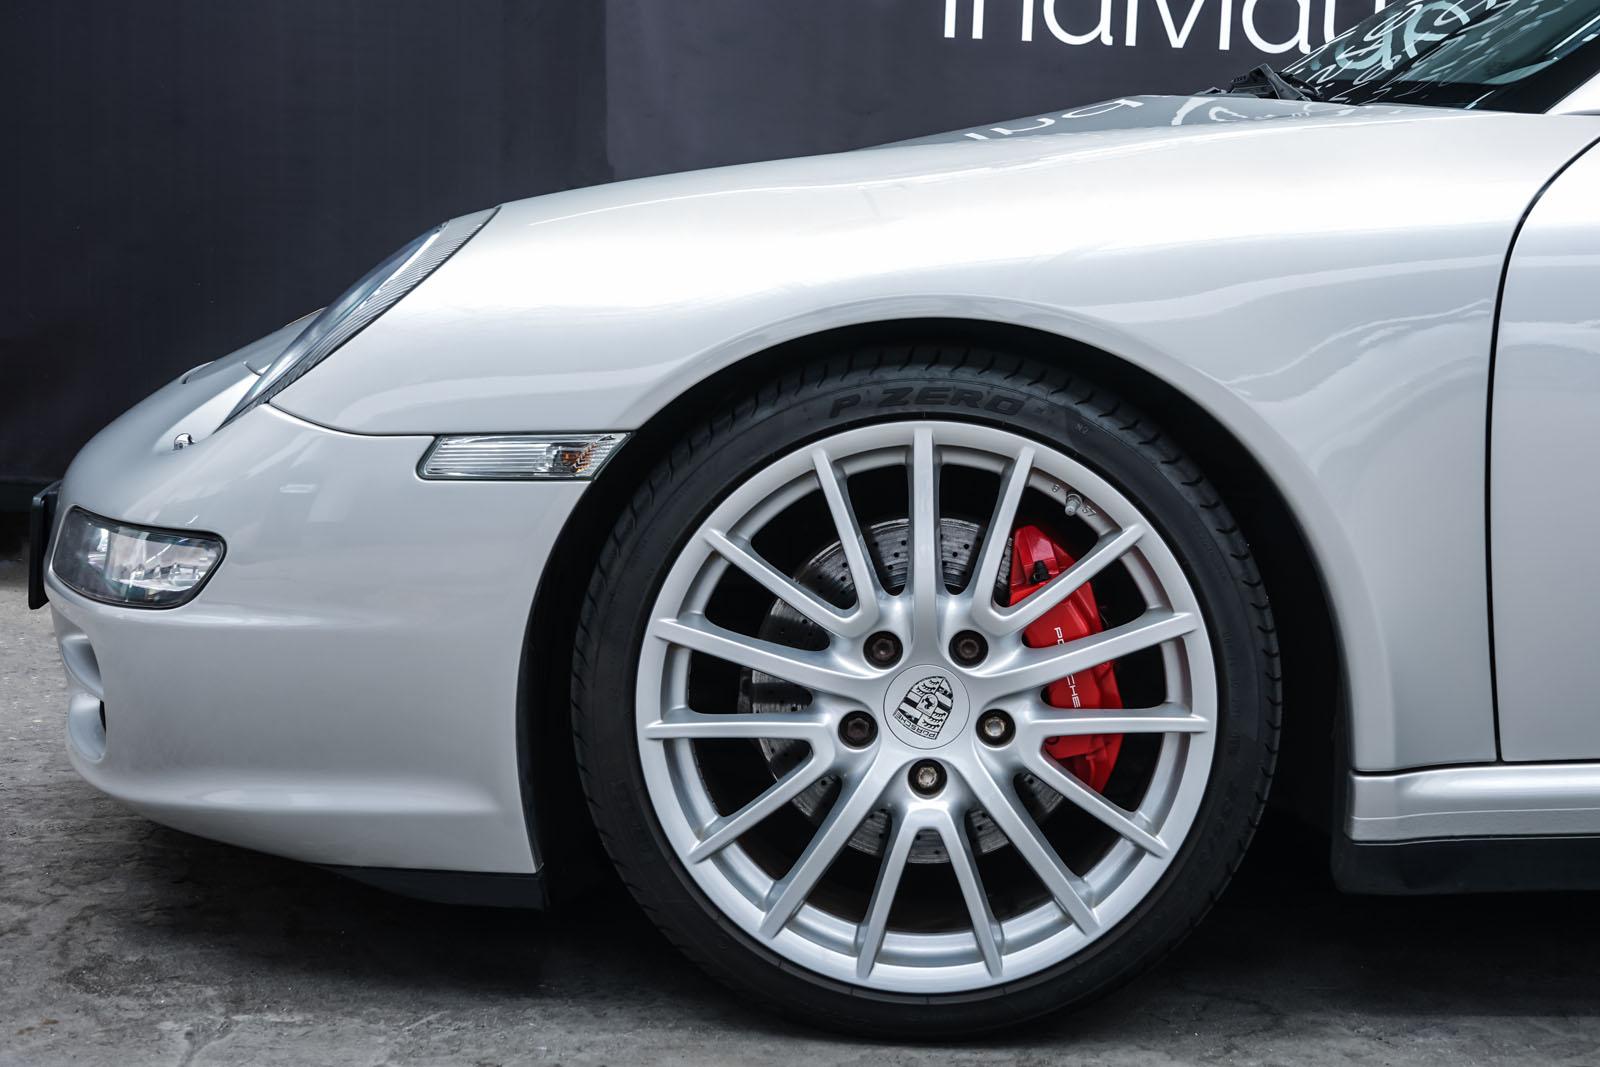 Porsche_997_Targa4s_Silber_Grau_POR-0477_3_w